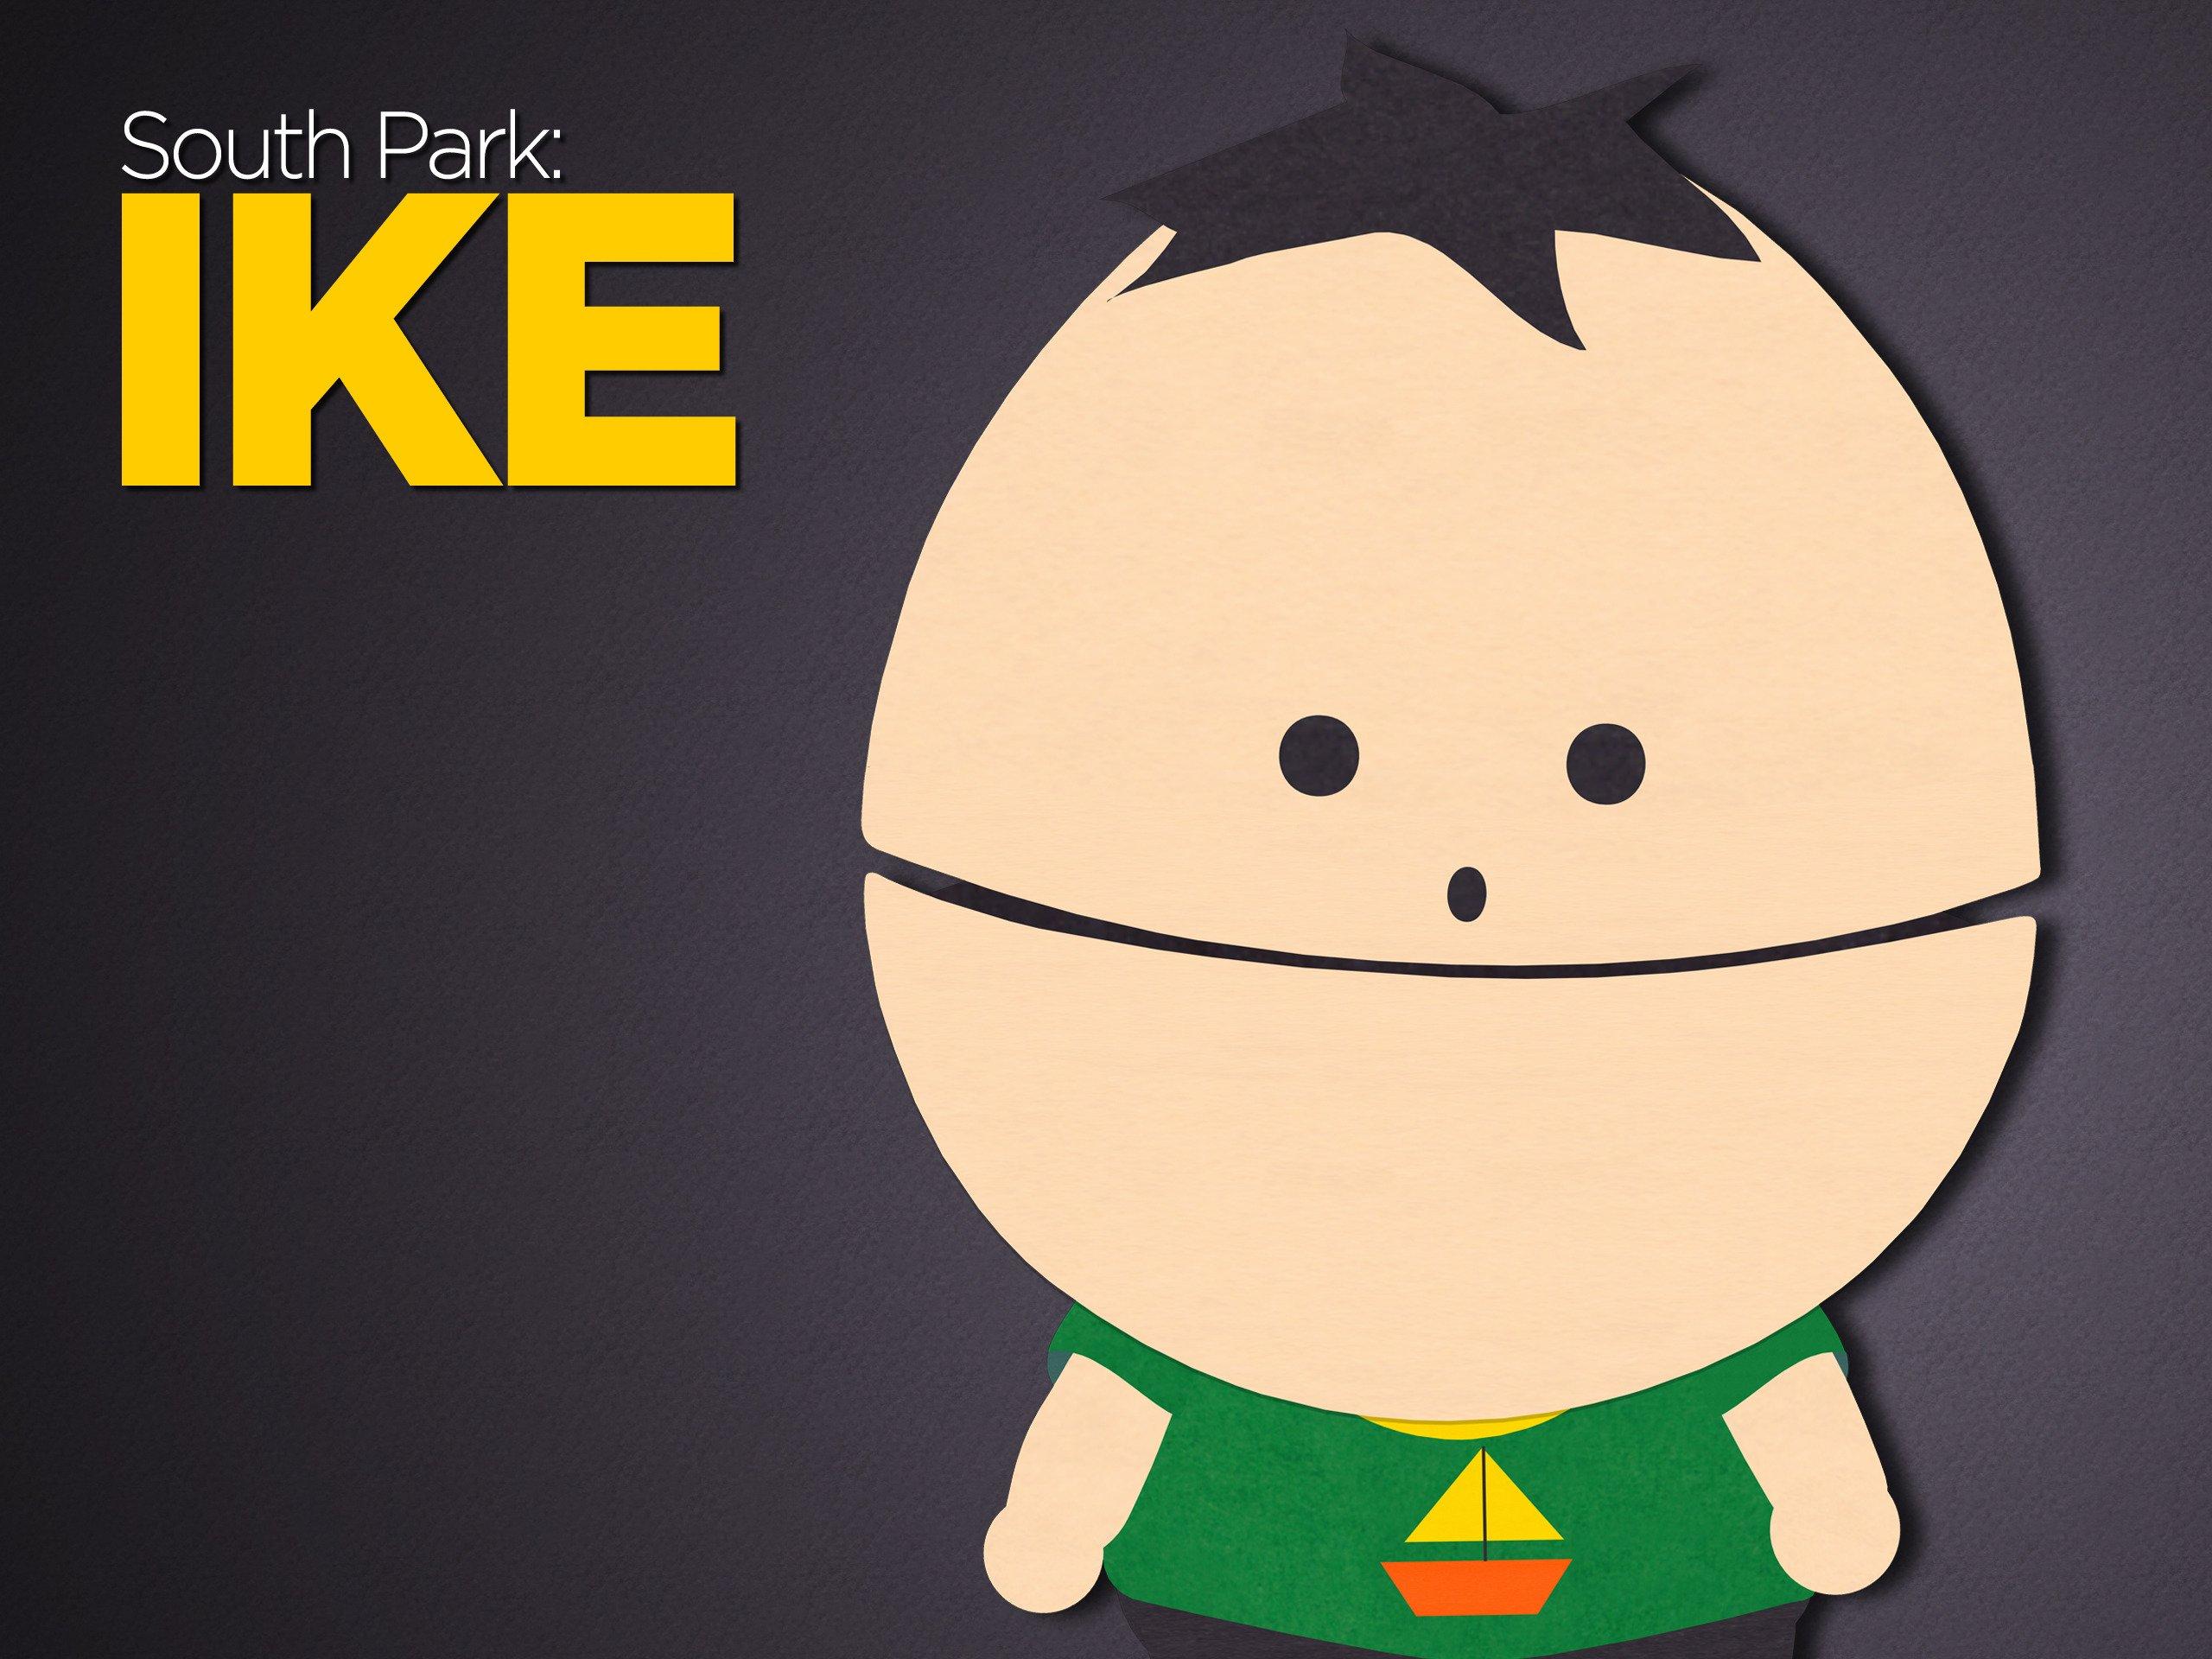 South park ike gif